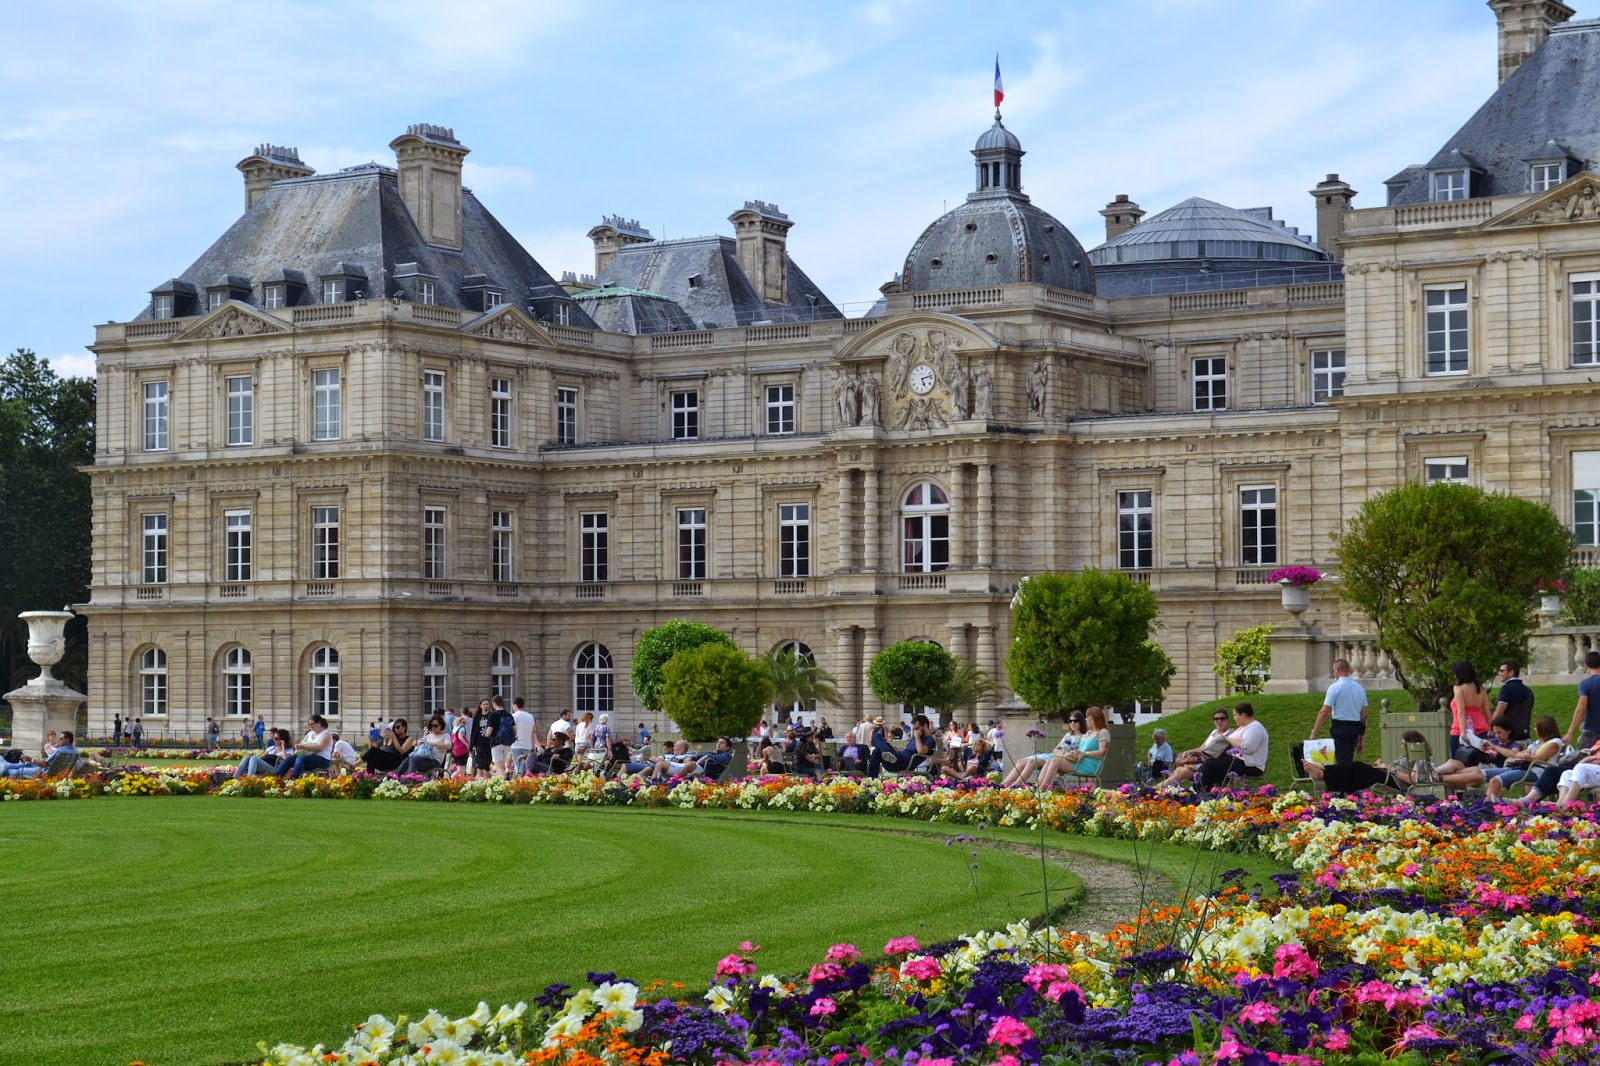 Tea with lavera le jardin du luxemboug paris for Boulevard du jardin botanique 20 22